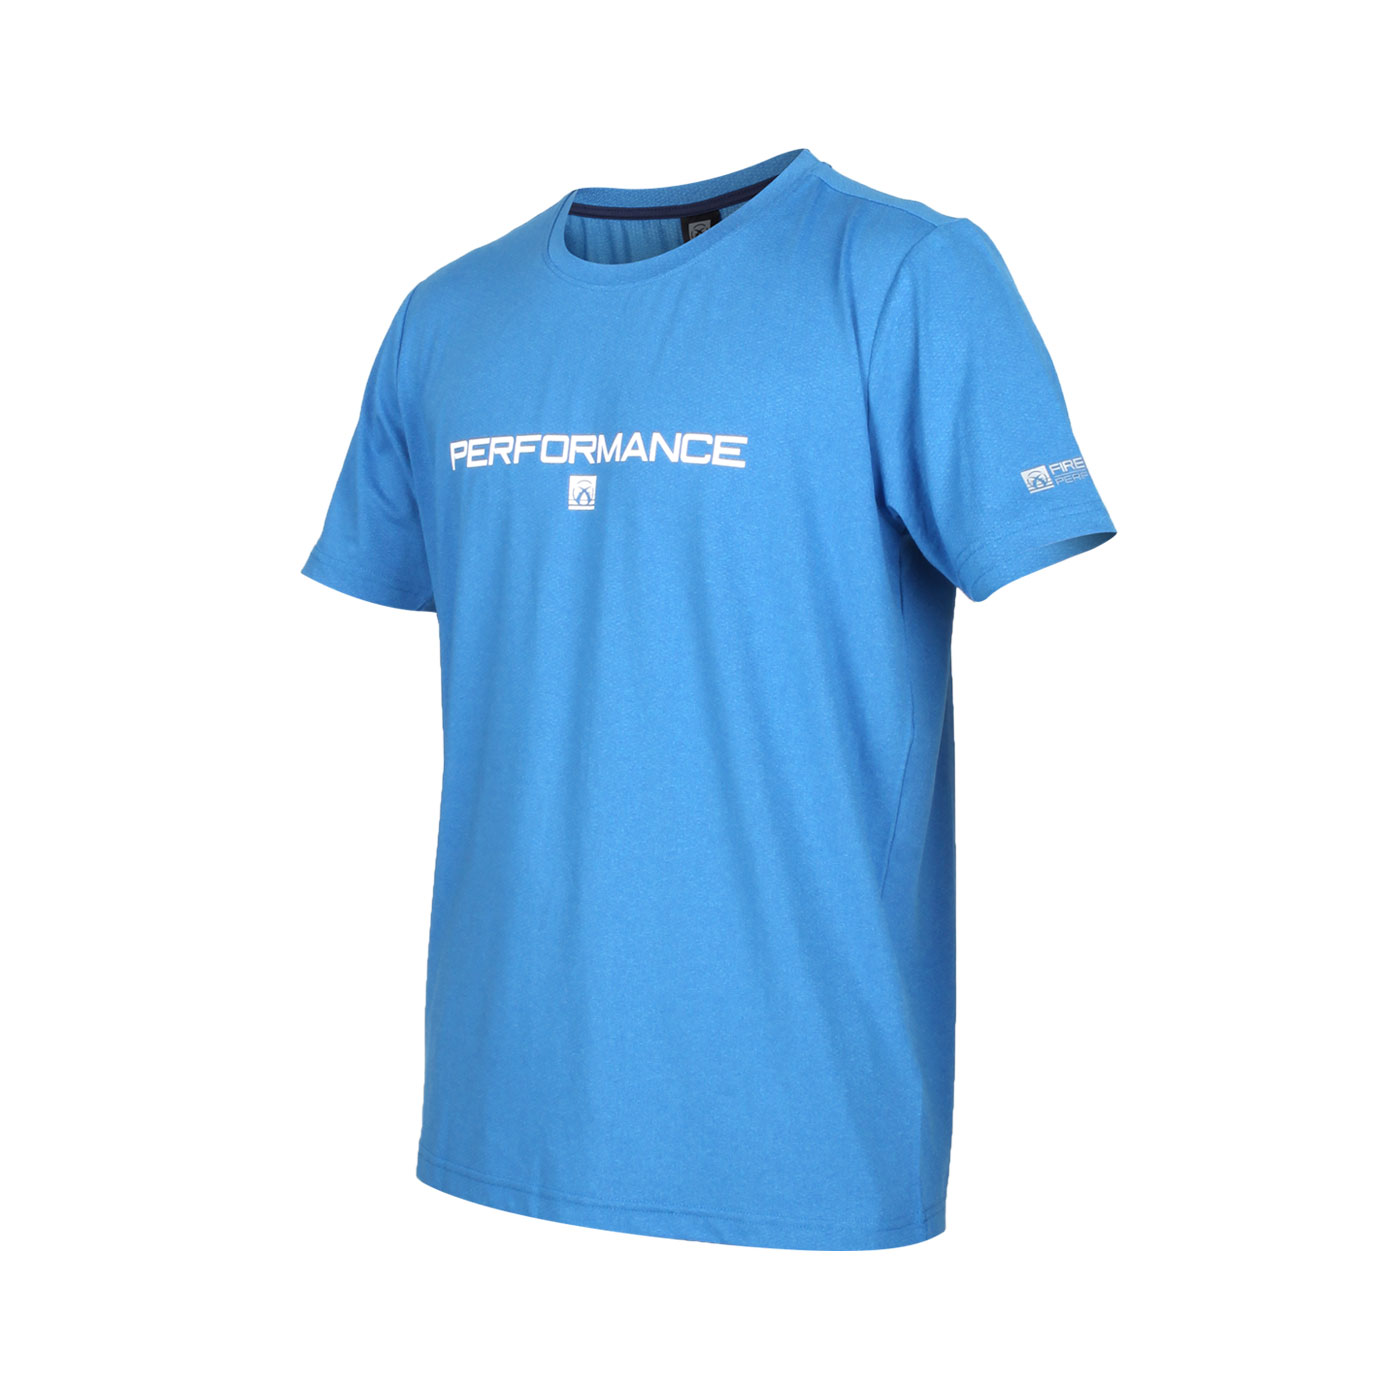 FIRESTAR 男款彈性印花圓領短袖T恤 D0538-18 - 寶藍白